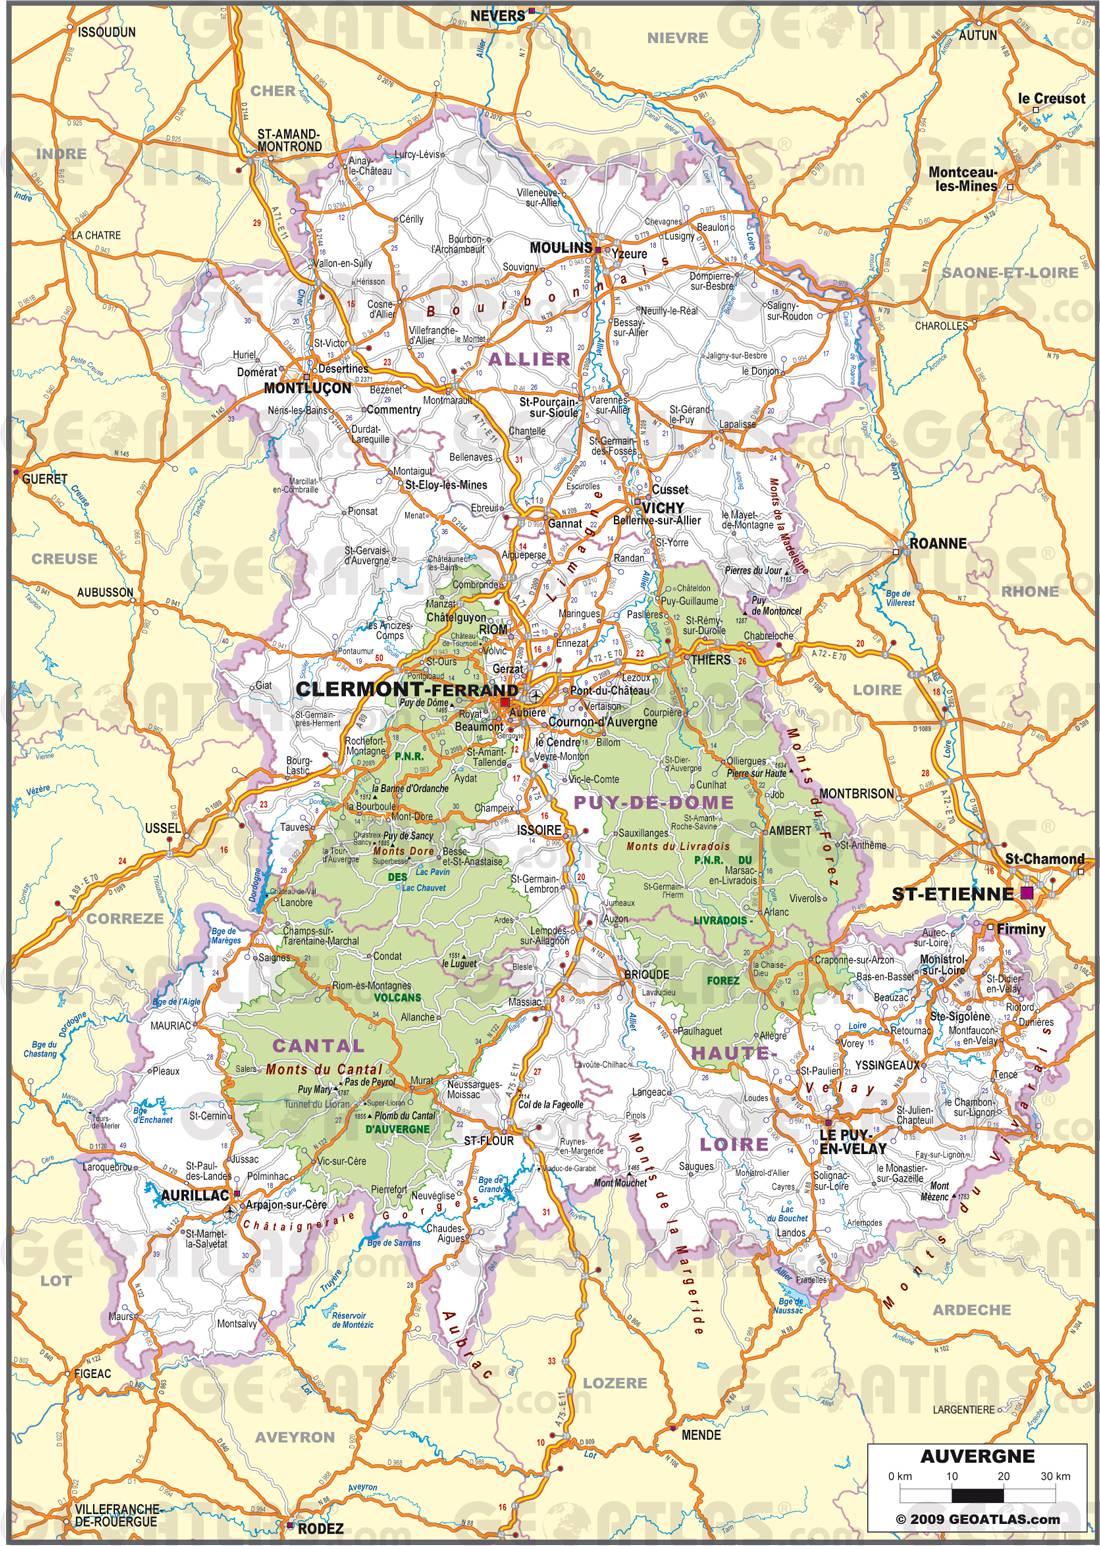 Carte routière de l'Auvergne